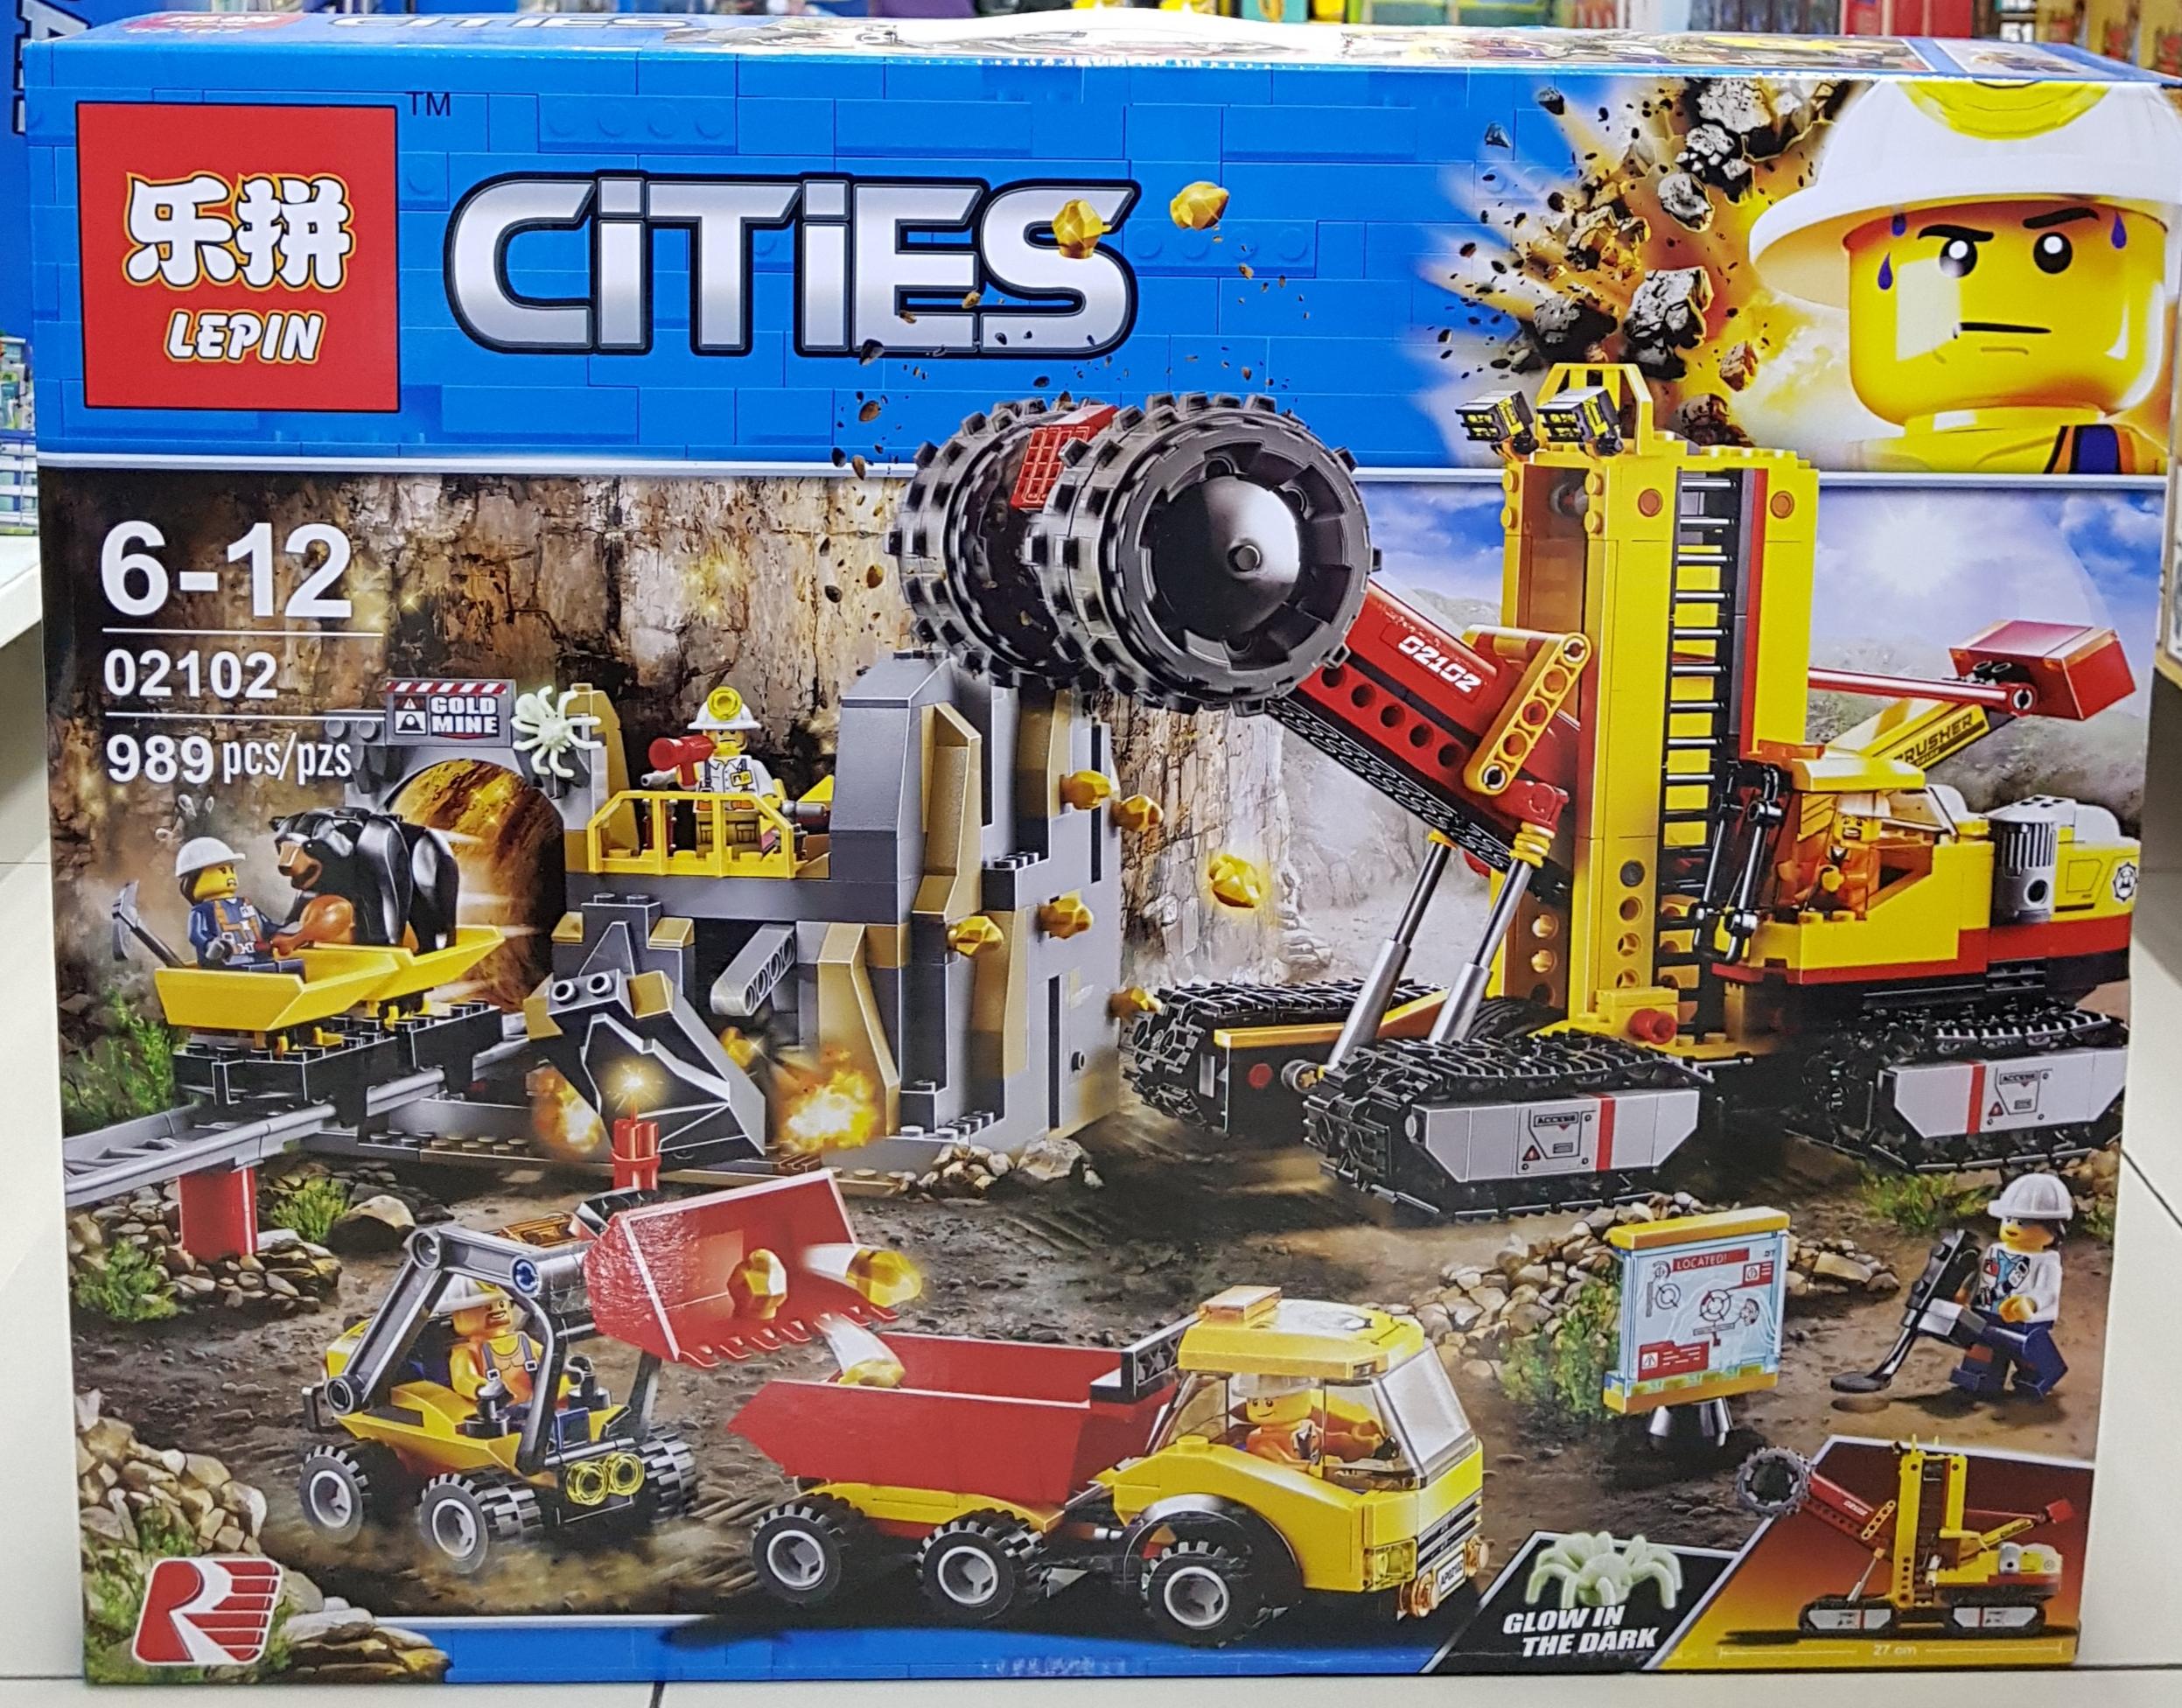 LEPIN CITIES 02102 [989ชิ้น]